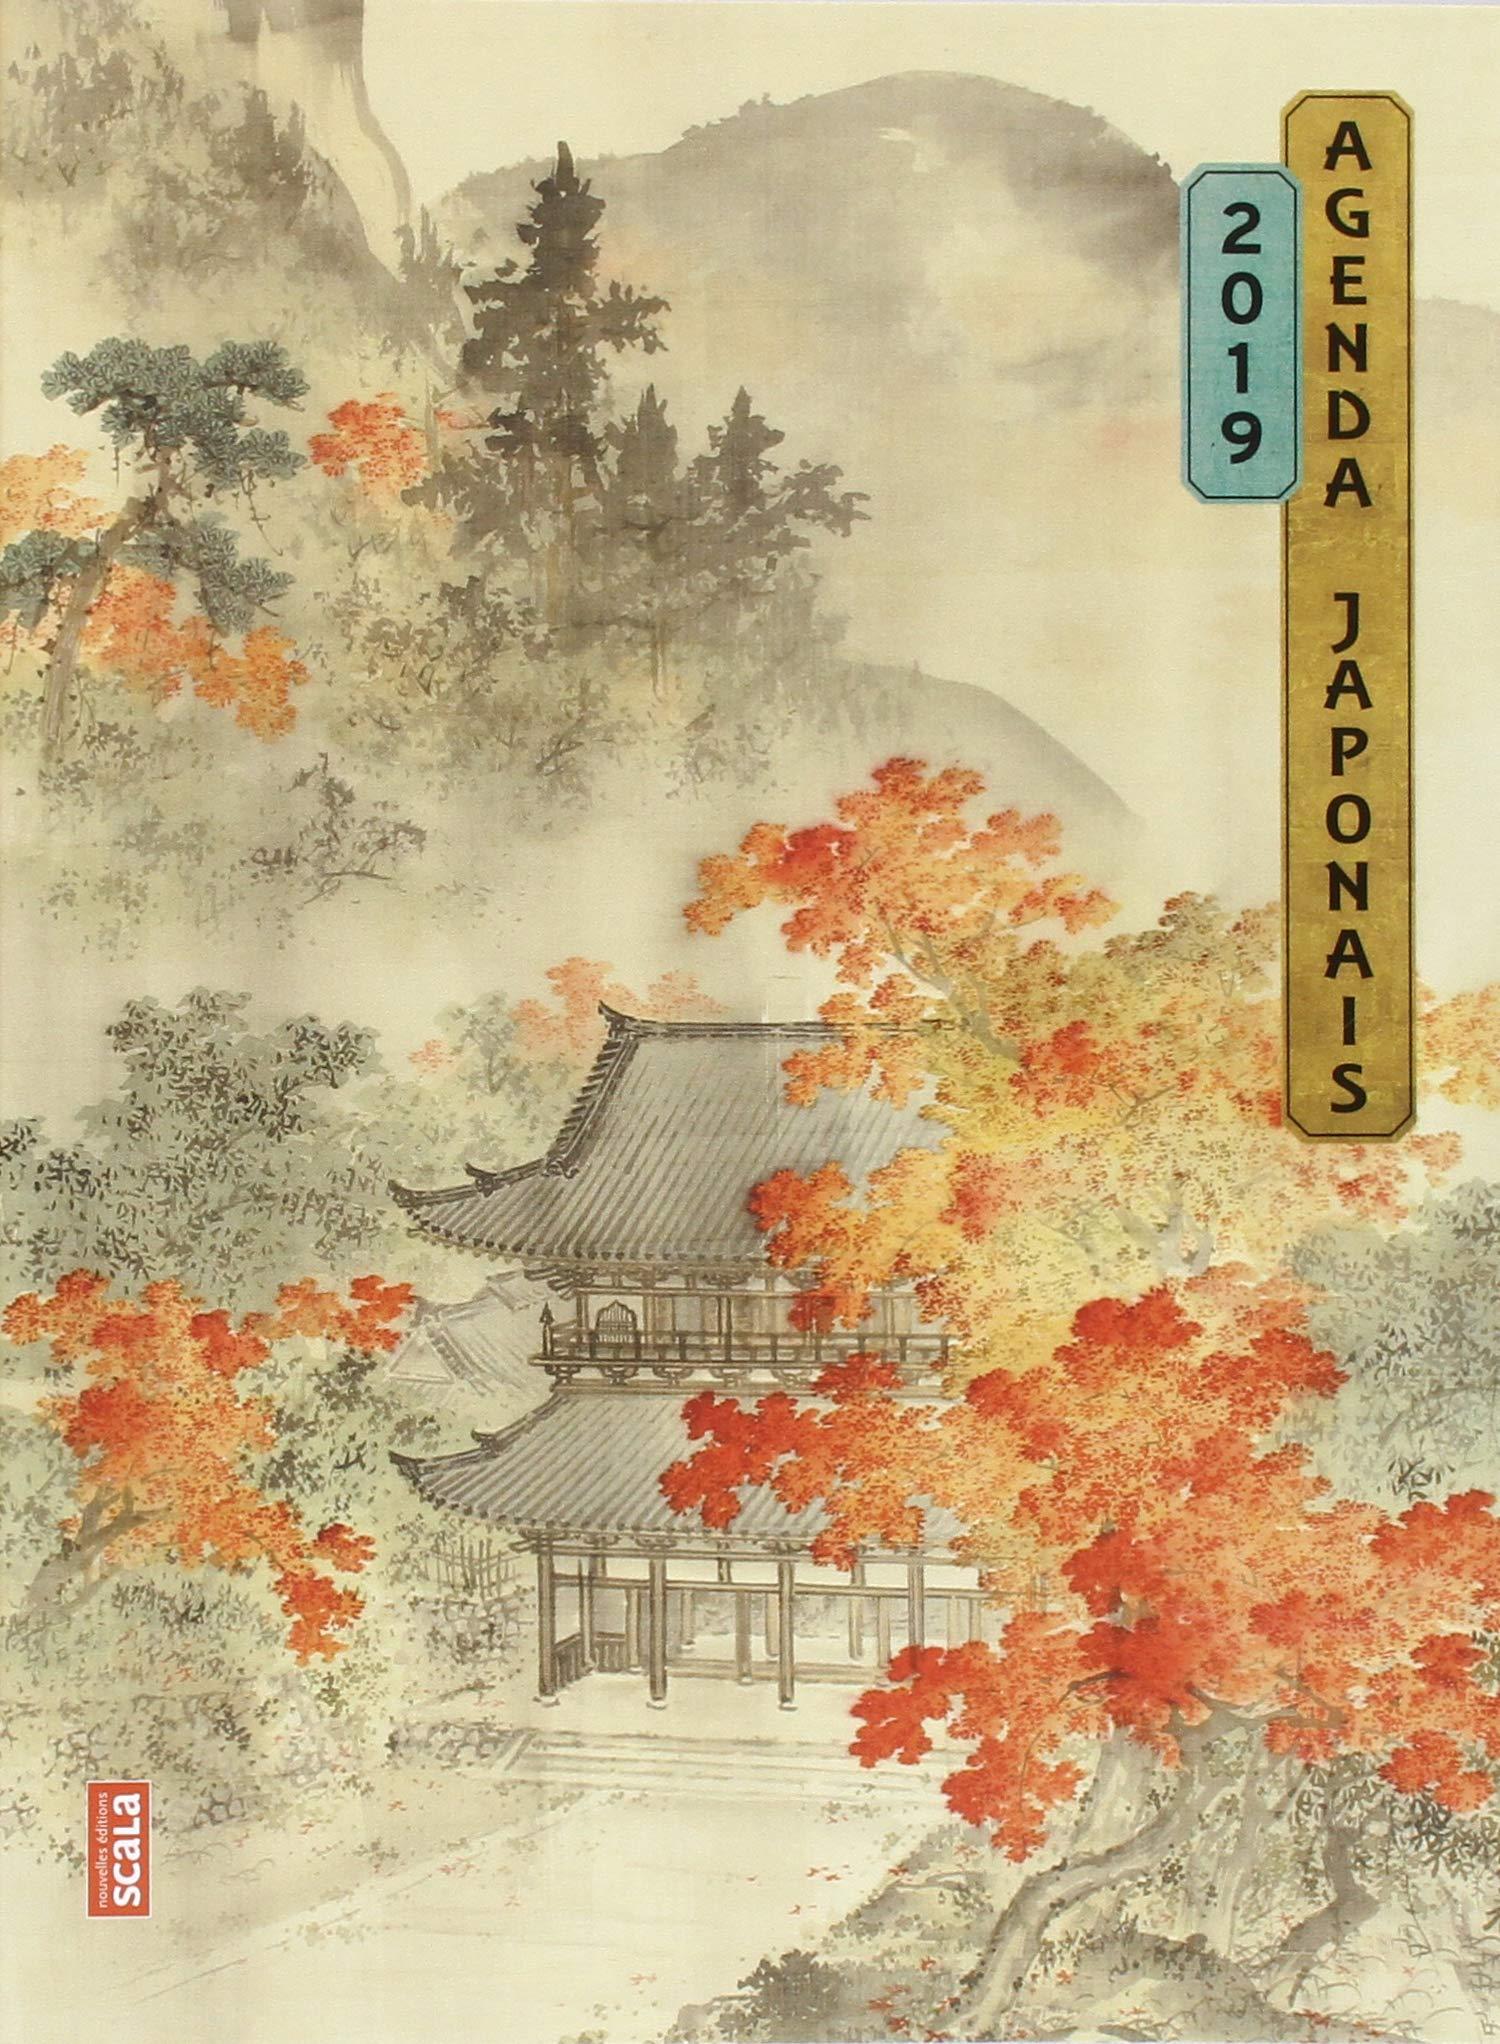 Agenda japonais Broché – 13 septembre 2018 Scala Nouvelles éditions Scala 235988204X Agendas